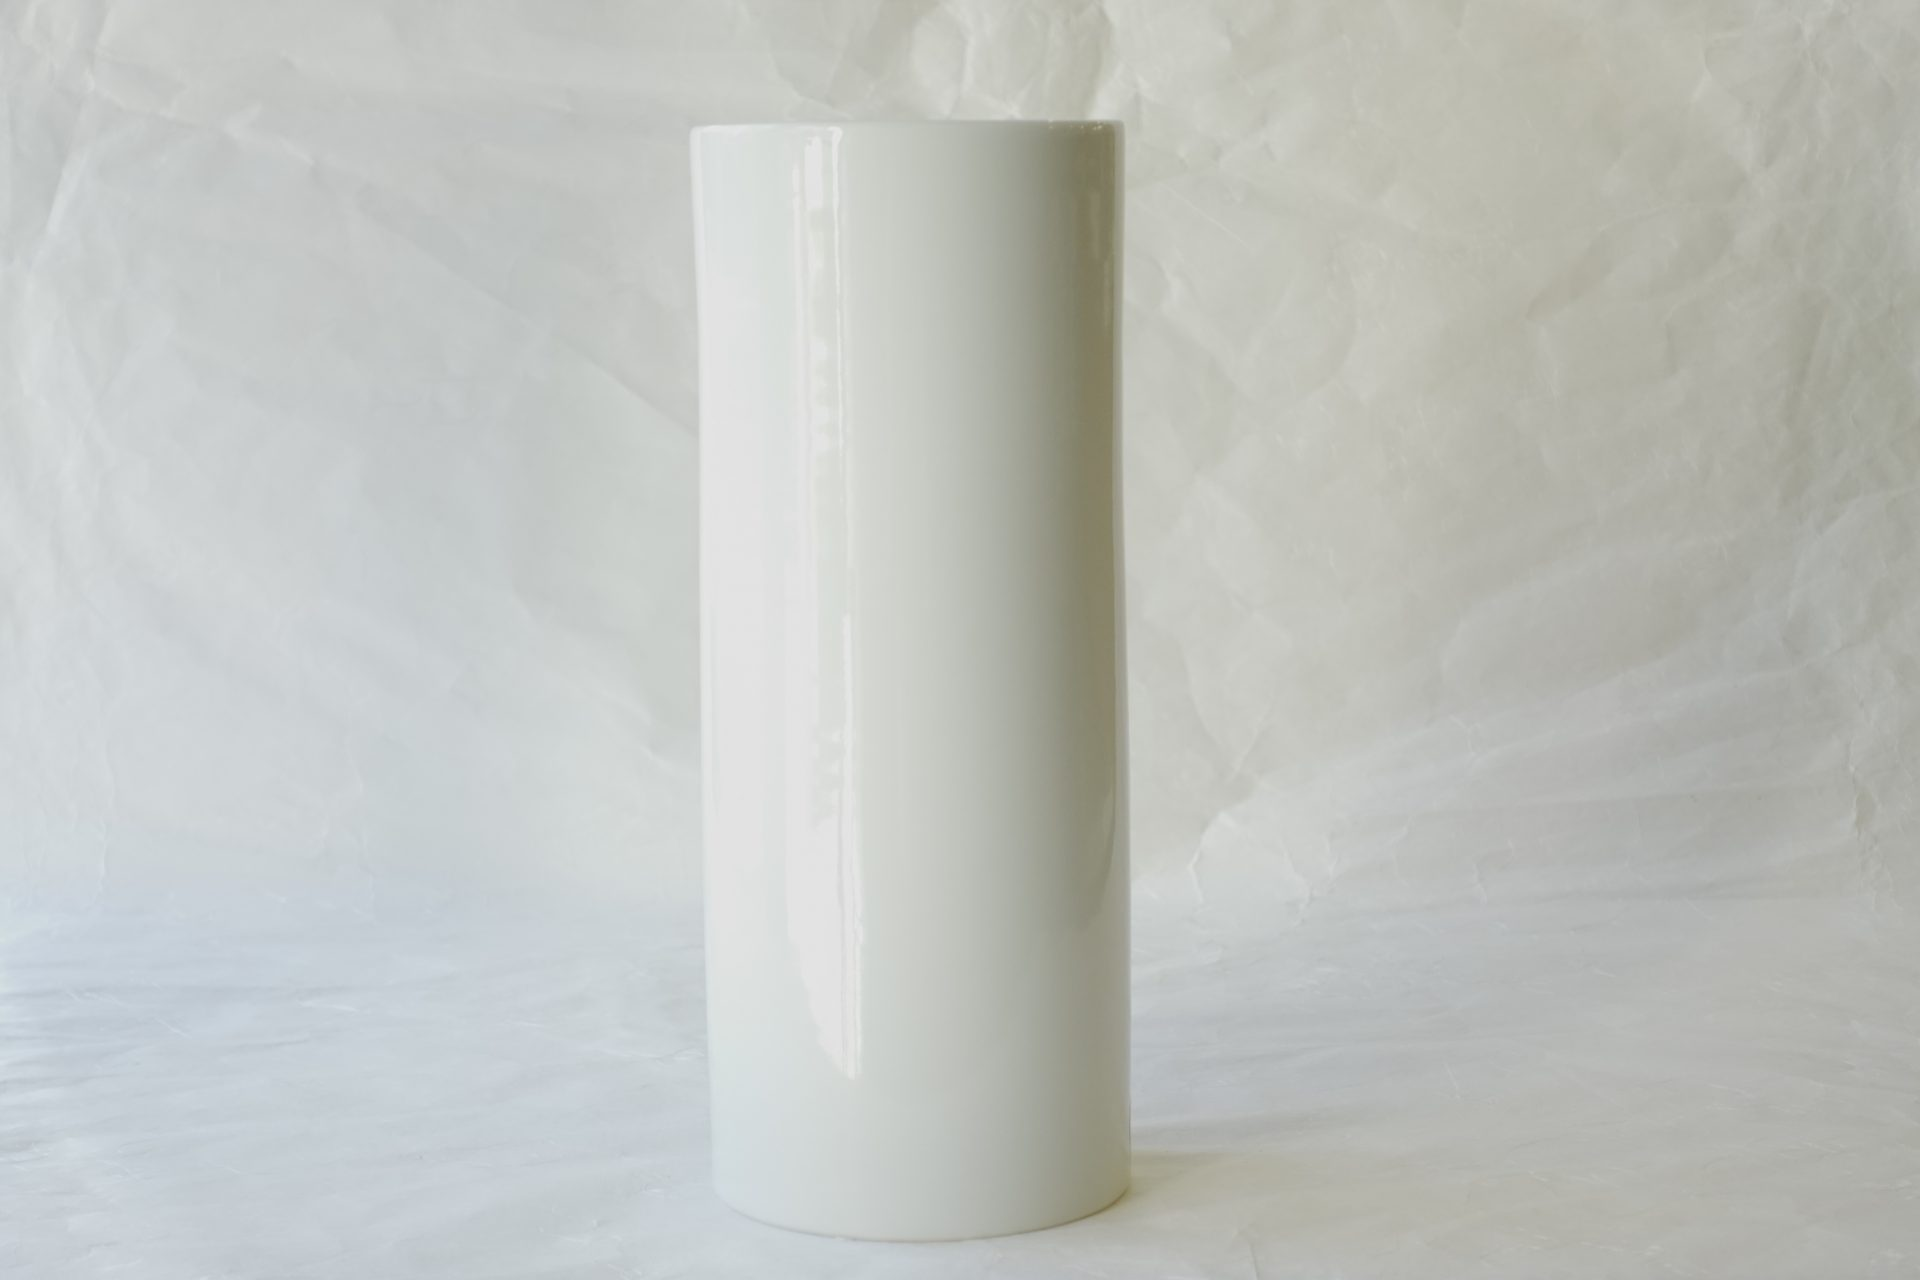 陶磁器 砥部焼 白磁 花瓶 花を引き立てる 飽きが来ないデザイン 透明感 美しい風合い ろくろ目 手づくり感 無地 シンプル 投げ入れ 簡単 花器 花を活ける ほとんどの花の色に合わせる 花を選ばない 洋花 汎用性高い 日本製 和の器 食器 贈り物 ギフト 記念品 引出物 法要 お返し 専門店 リアル店舗 高品質 安らぎ いやし よりおいしく 安心 機能的 長持ち 人気 おすすめ 高機能 ネット通販 ネットショップ セレクトショップ 欲しい 購入 買う 買い物 岐阜県 岐阜市 美殿町 小林漆陶 特別な 選び抜かれた 品質重視 使いやすい 格安 老舗 誕生日 結婚 出産 入学 退職 母の日 父の日 敬老の日 クリスマス プレゼント 叙勲 長寿 新築 お祝い 御礼 内祝い 外国土産 海外みやげ 実店舗 使うと分かる 職人技 日本一の品揃え 日本一の在庫数 専門店 専門知識 百貨店にない 手作り お洒落 高級品 希少価値 上質な器 伝統工芸品 コスパ お値打ち お買い得 堅牢 飽きない 永く使える お気に入り 国産 料理が映える 満足感 豊かな食生活 豊かな食文化 こだわりの器 日本文化 他にない ここにしかない オリジナル 独自の 個性的 ここでしか買えない 超レアもの 一品もの 現品限り 入手困難 いい器 匠の技 美しい 実用的 外人が喜ぶ店 外人が珍しがる店 外人がうれしい店 日本各地の一級品を売る店 日本全国の器を売る店 本当にいいもの コスパ高い 一流品 修理 選りすぐりの逸品 周年記念 永年勤続表彰 退職記念 卒業記念 日本土産 岐阜土産 岐阜のおみやげ 岐阜の特産品 料理を引き立てる器 高級店 一流店 岐阜で一番 東海で一番 中部で一番 日本で一番 おしゃれな店 地域一番店